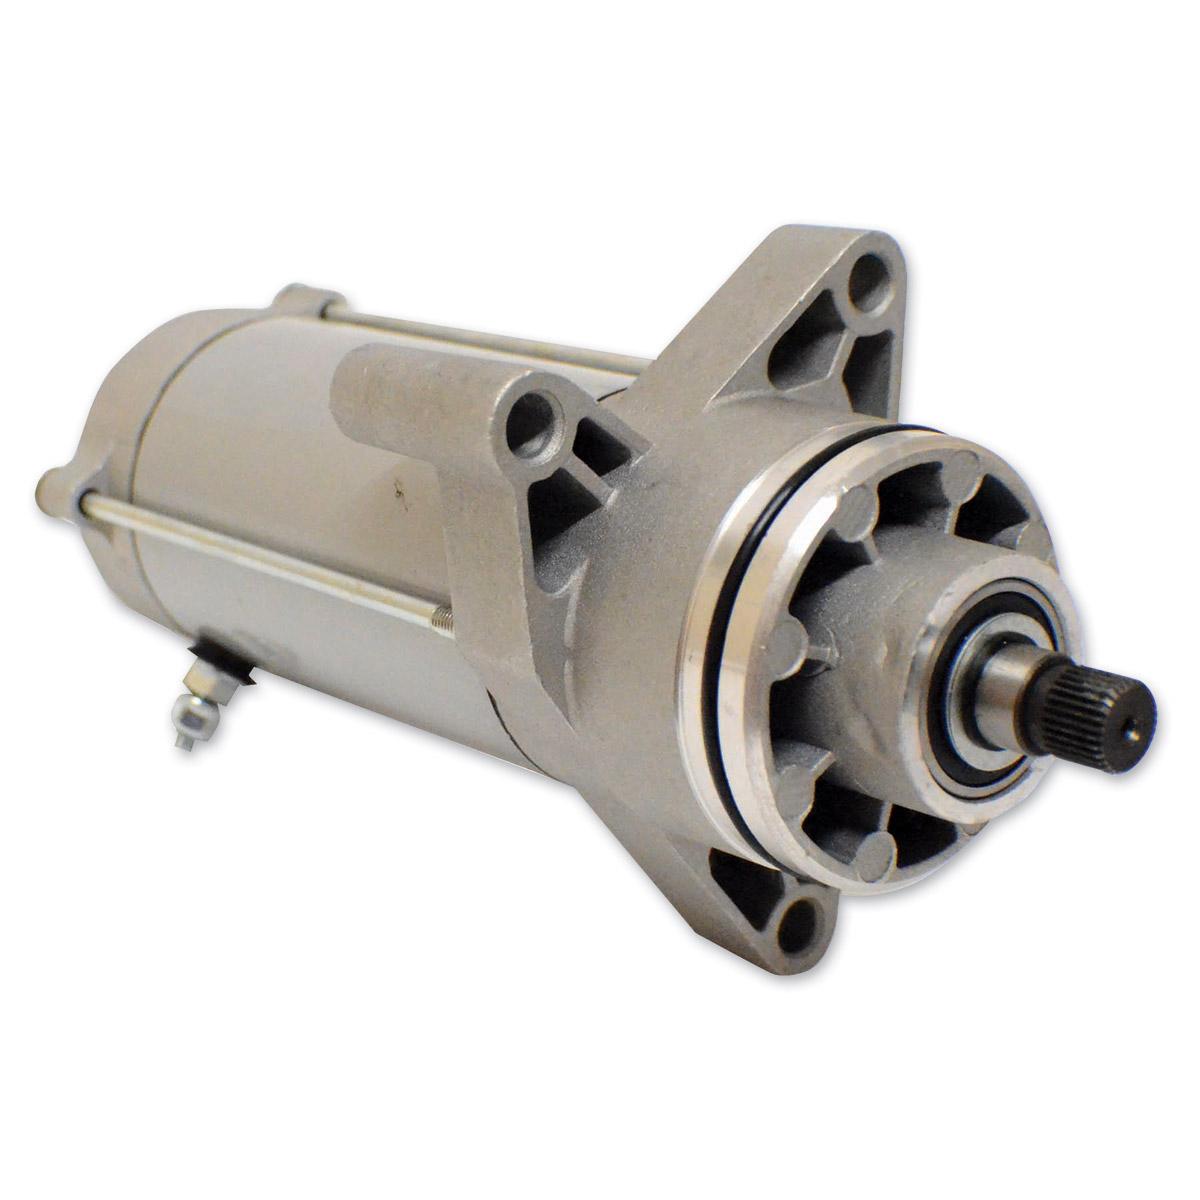 chevy high torque starter wiring diagram pro torque starter wiring diagram #3